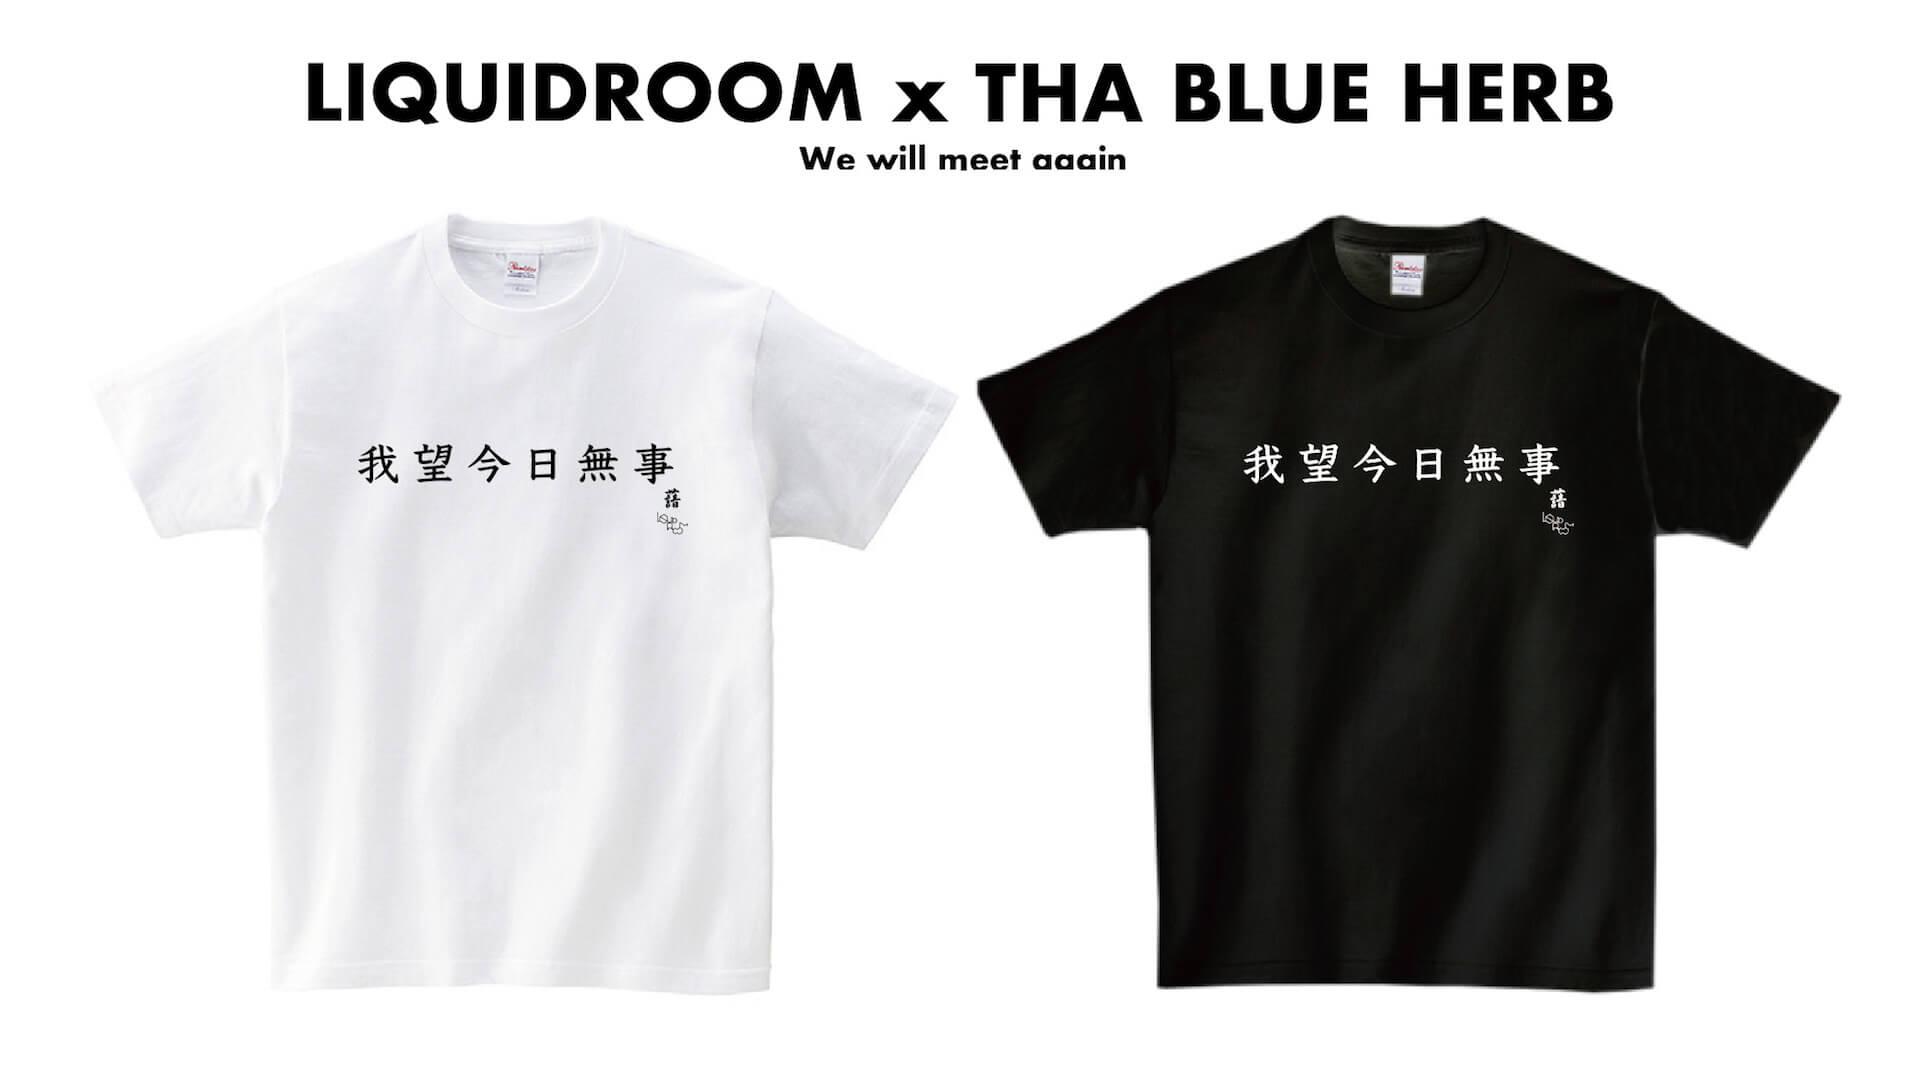 LIQUIDROOMとアーティストによるこの2020年を刻むドネーションT-shirtsシリーズに、THA BLUE HERBが参加決定!受注販売開始!! music200508-liquidroom-tha-blue-herb-1